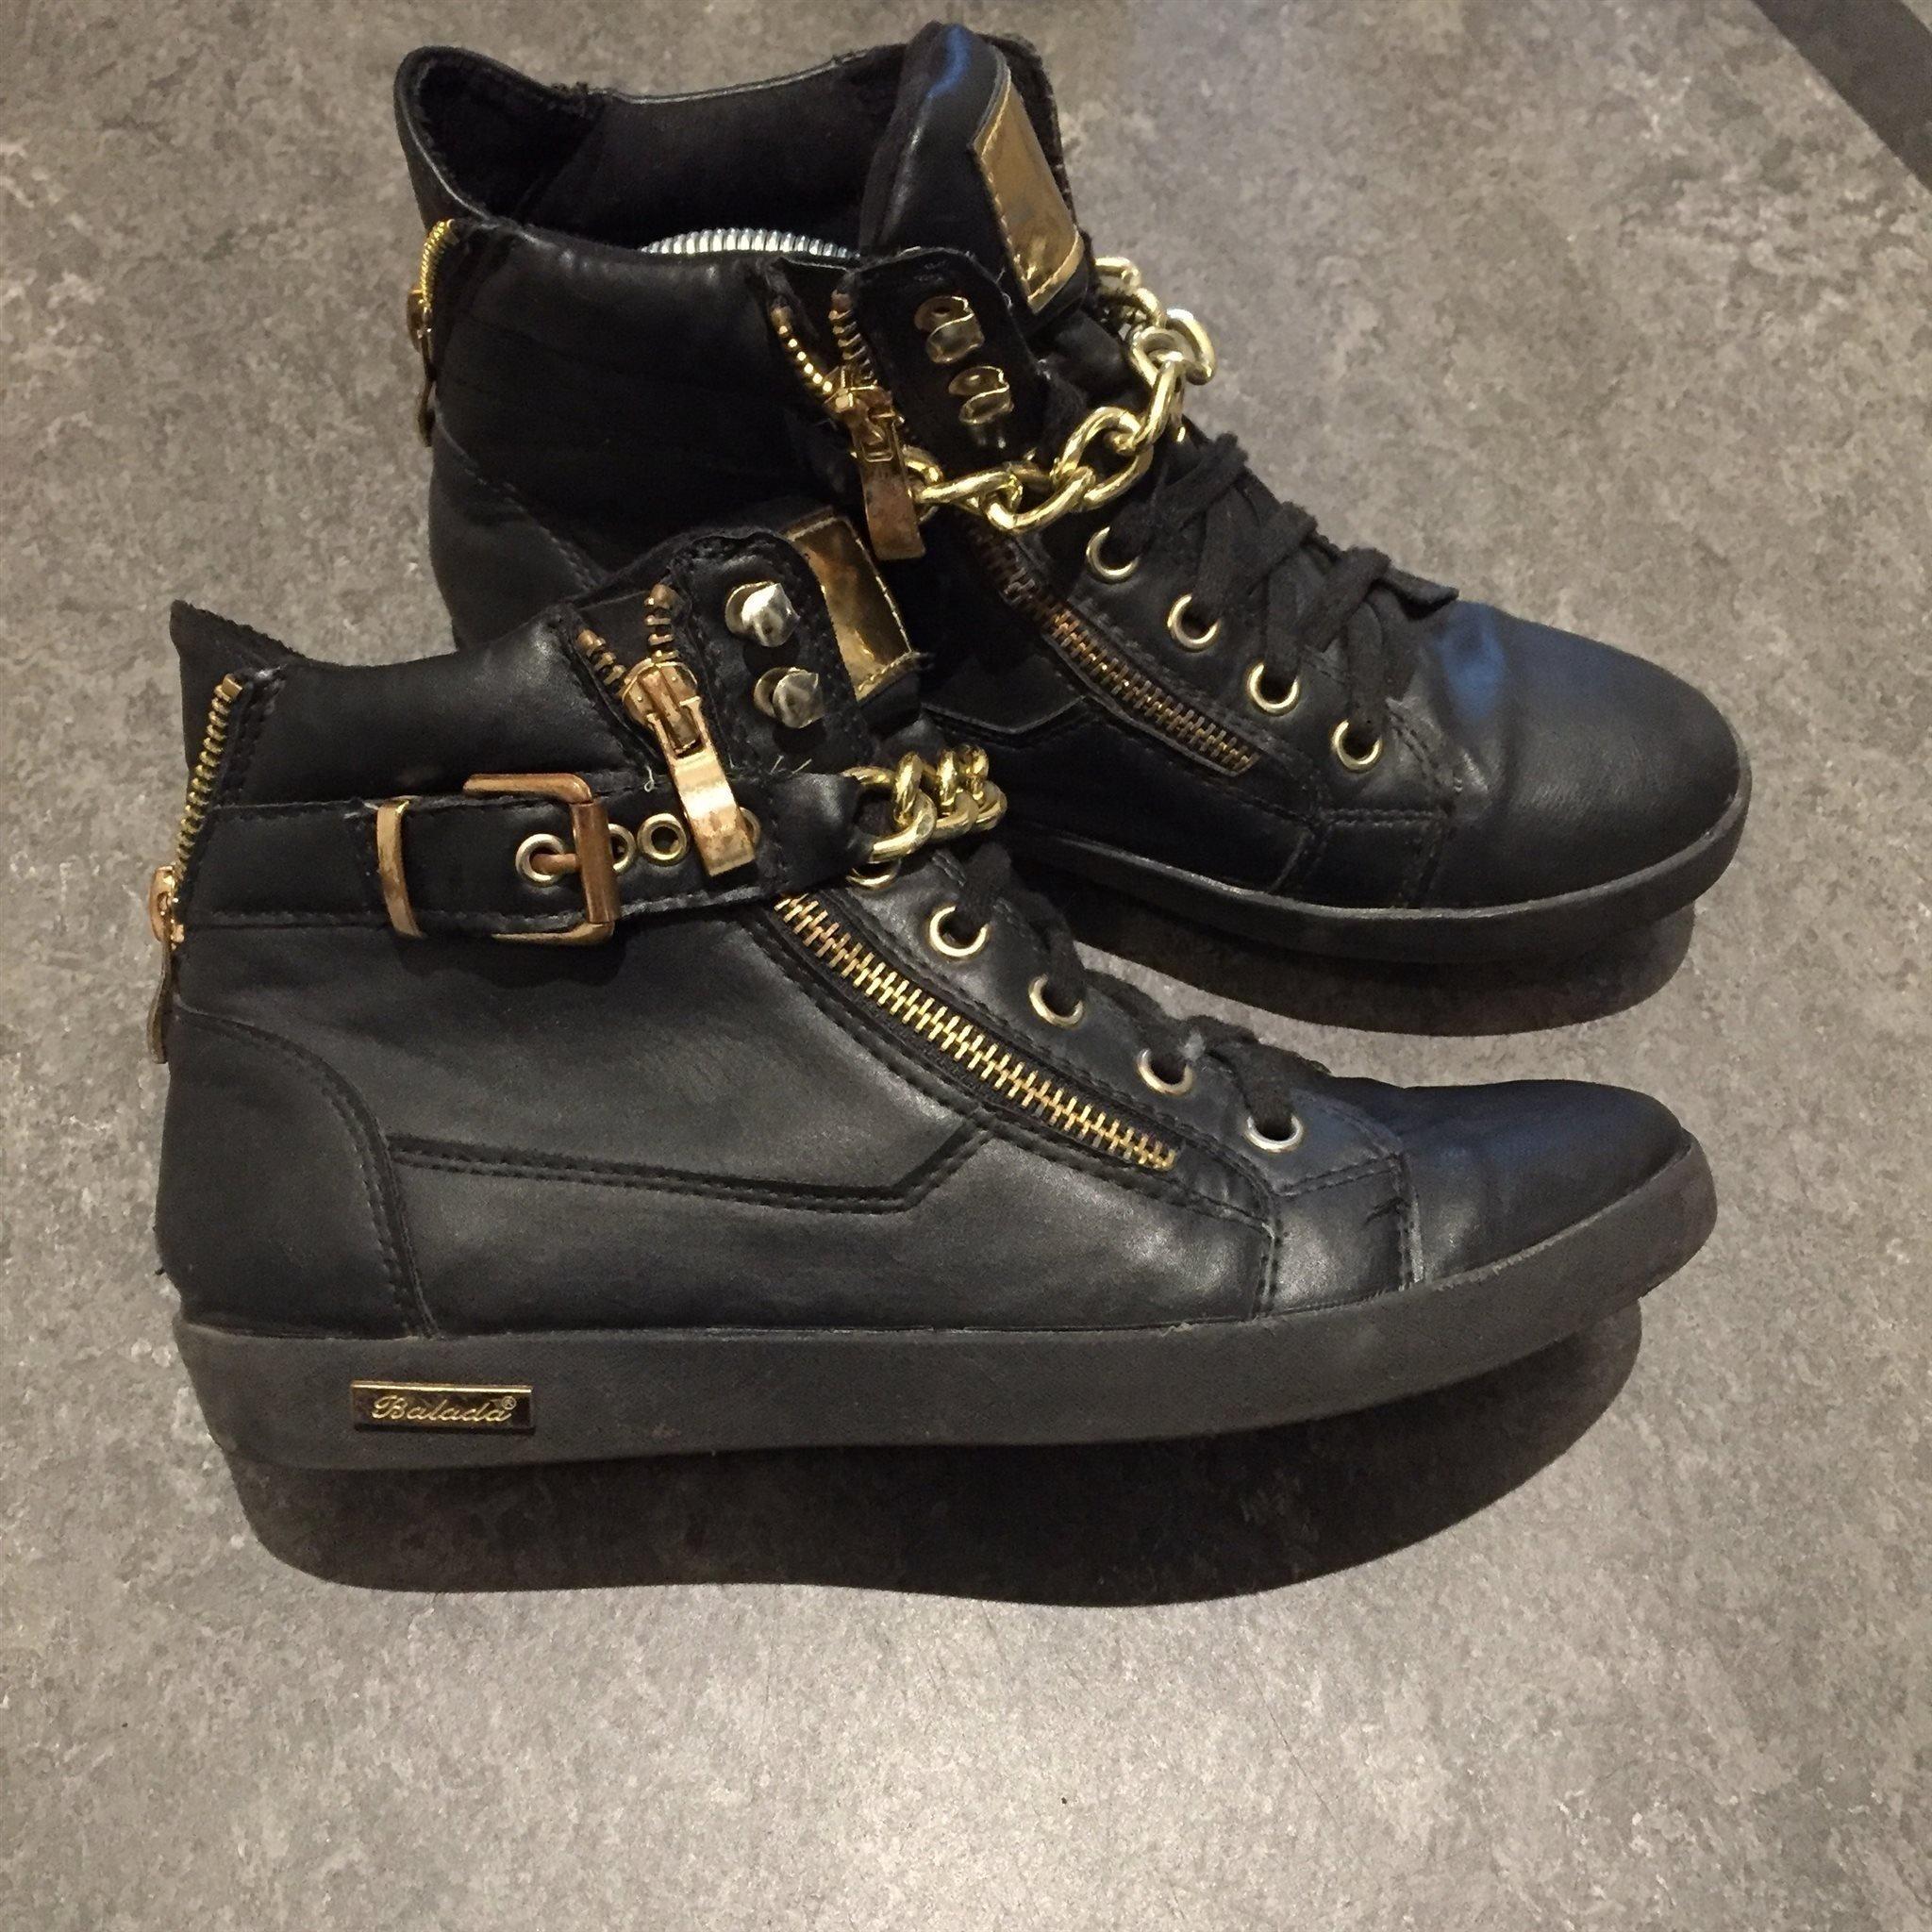 skor med kedja